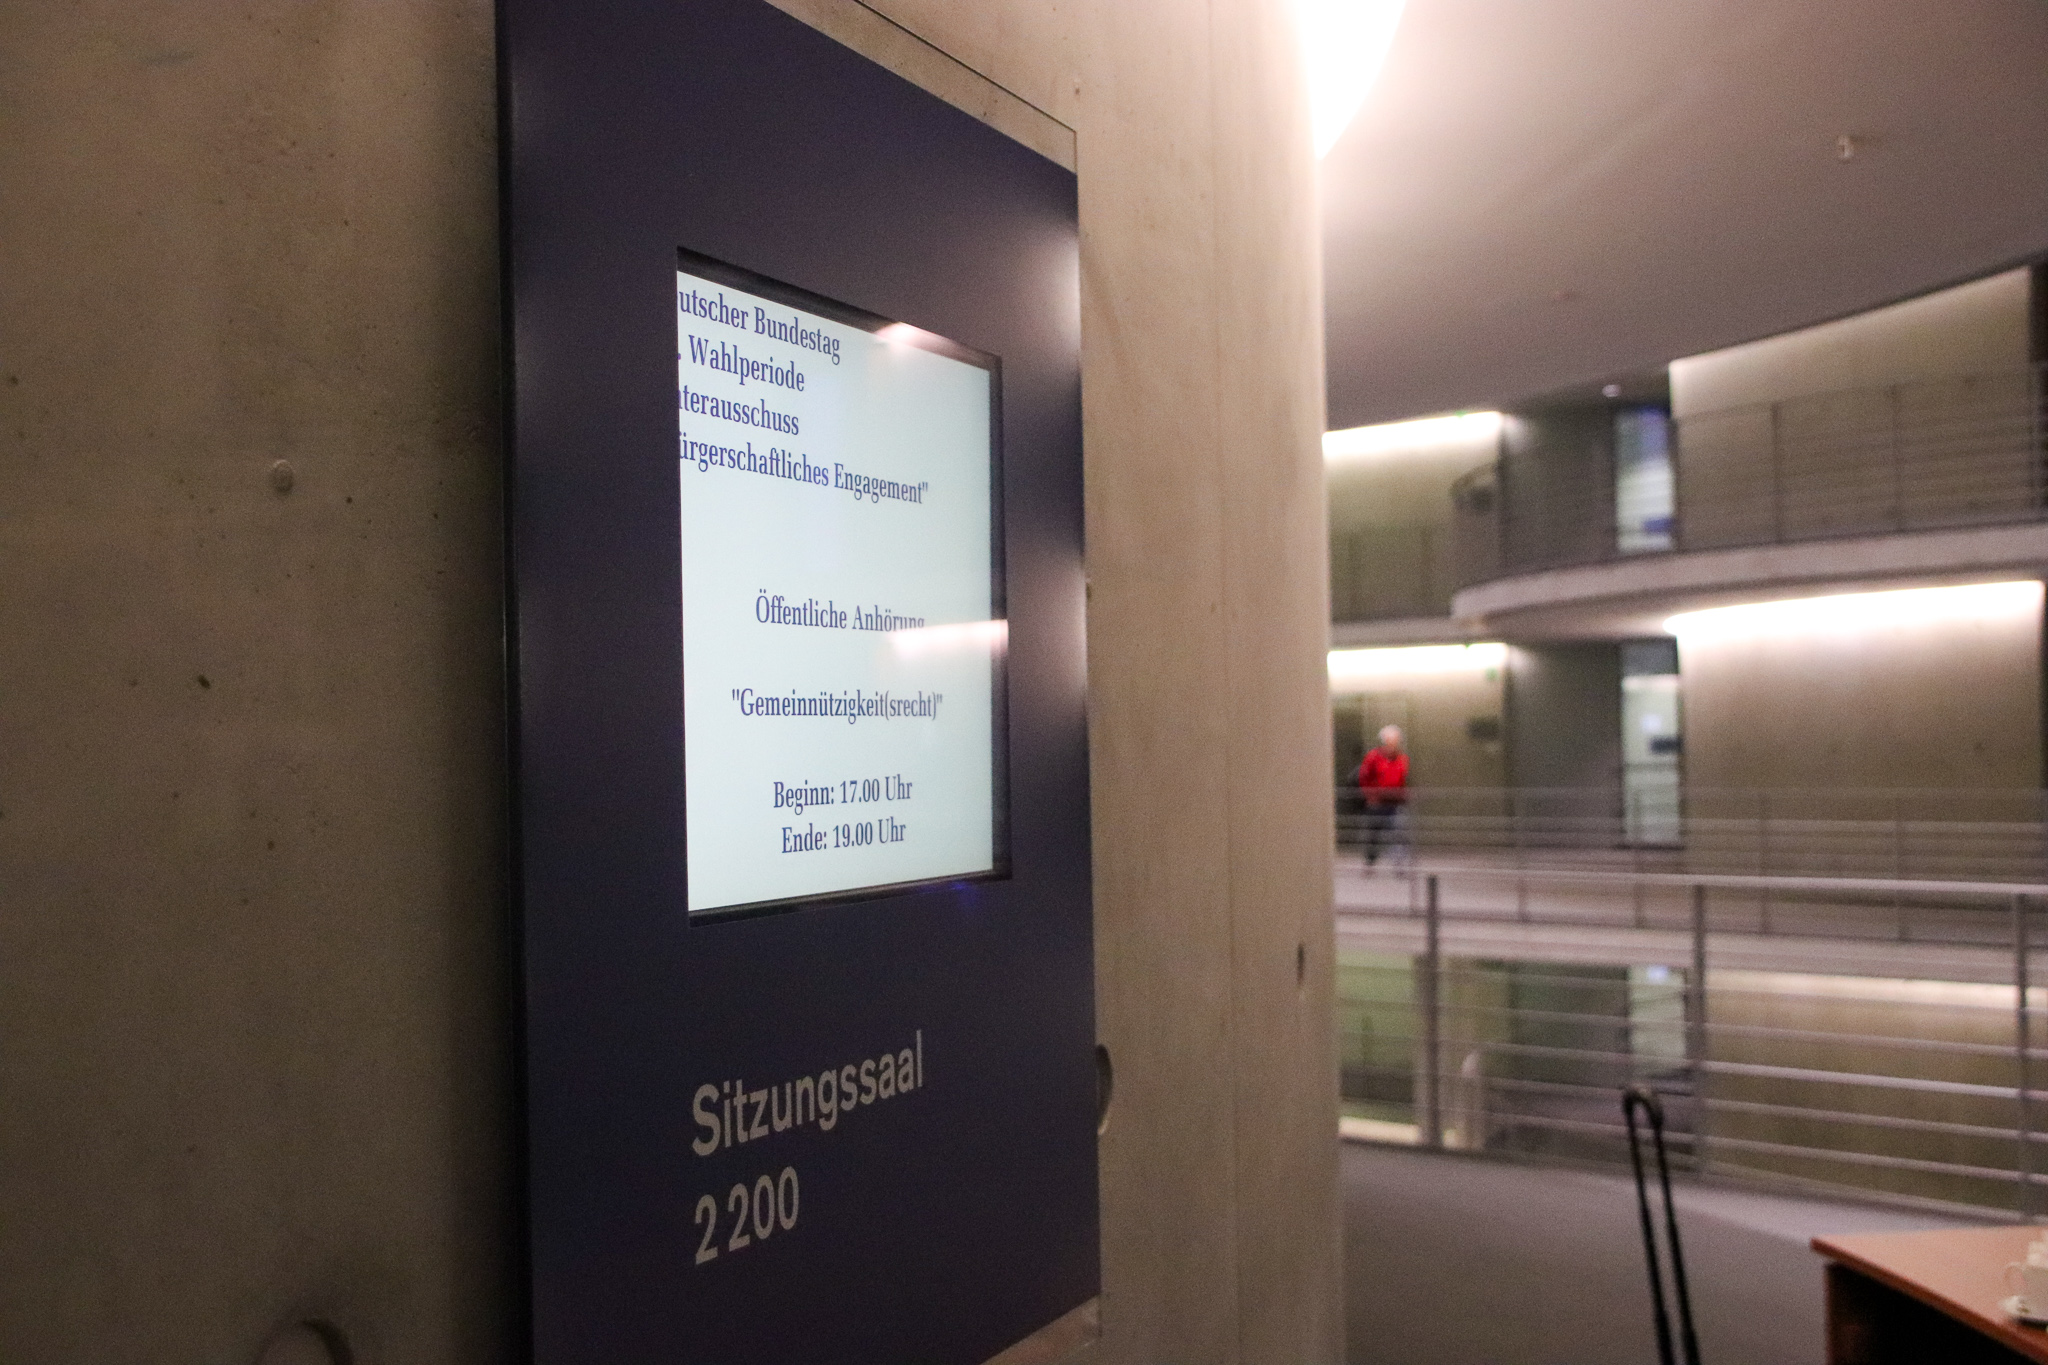 Öffentliche Anhörung Gemeinützigkeitsrecht Unterausschuss Bürgerschaftliches Engagement, Foto © Nikolaus Hausser